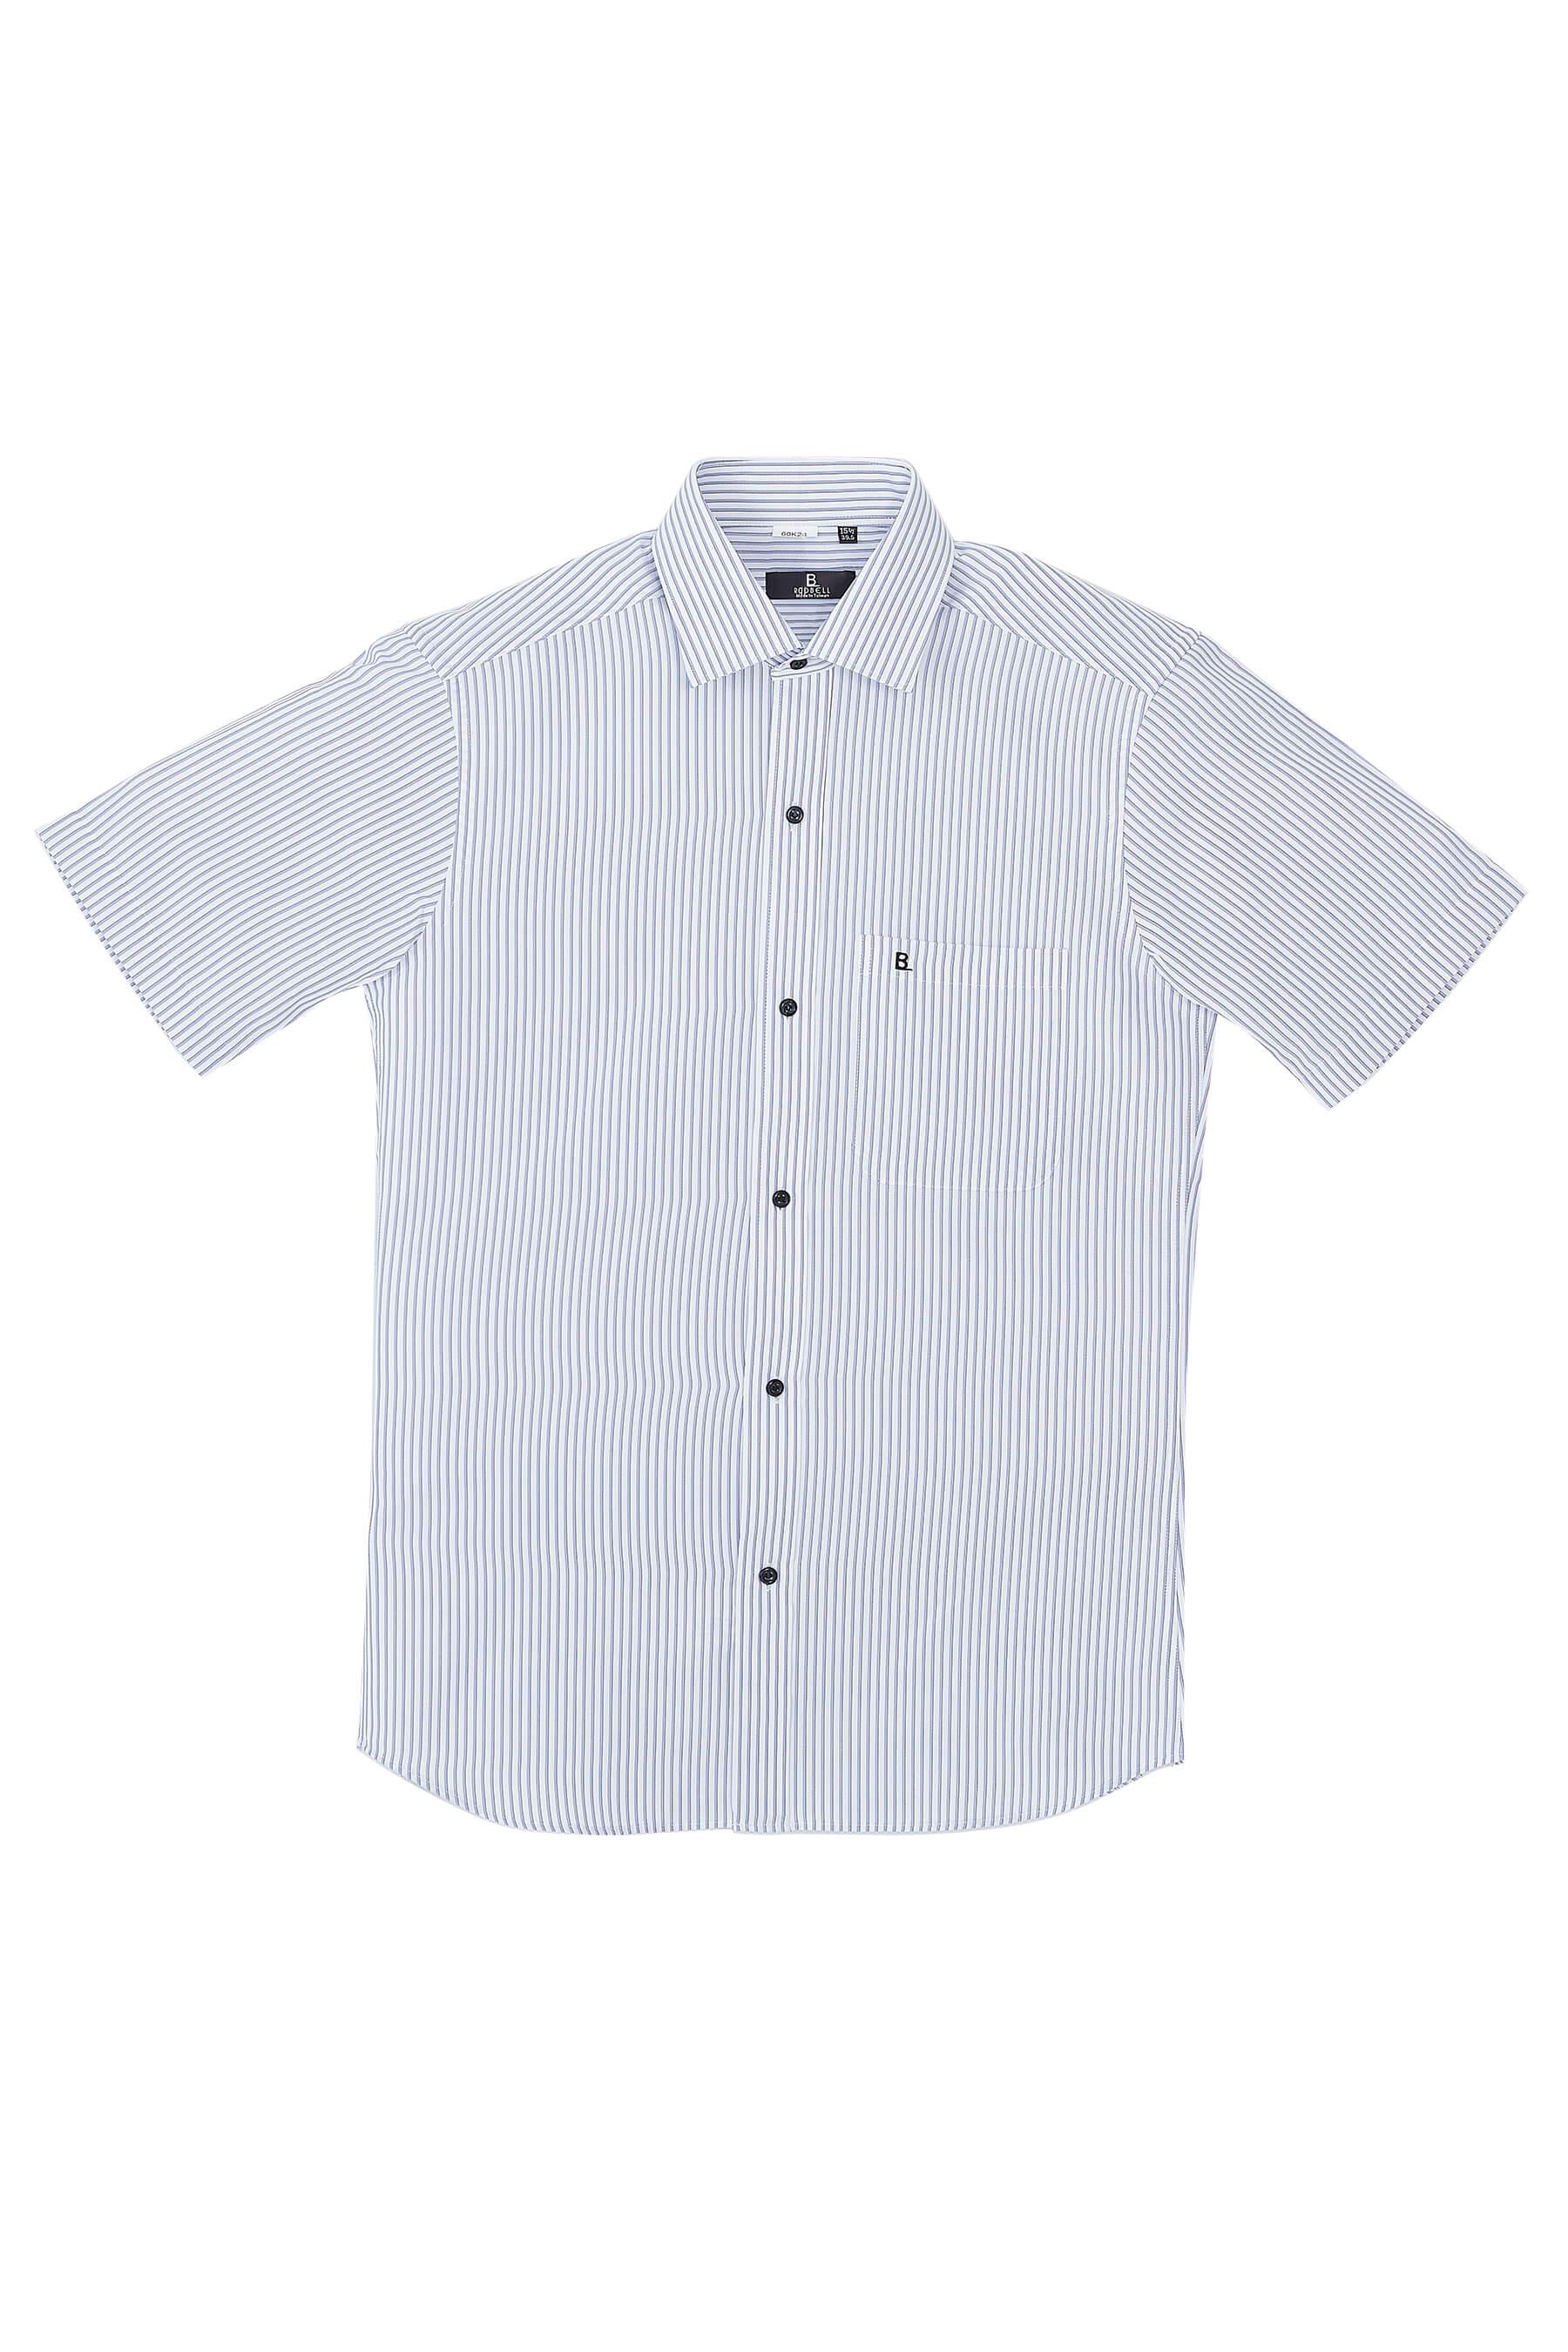 深藍條紋短袖襯衫/抗皺 吸濕排汗